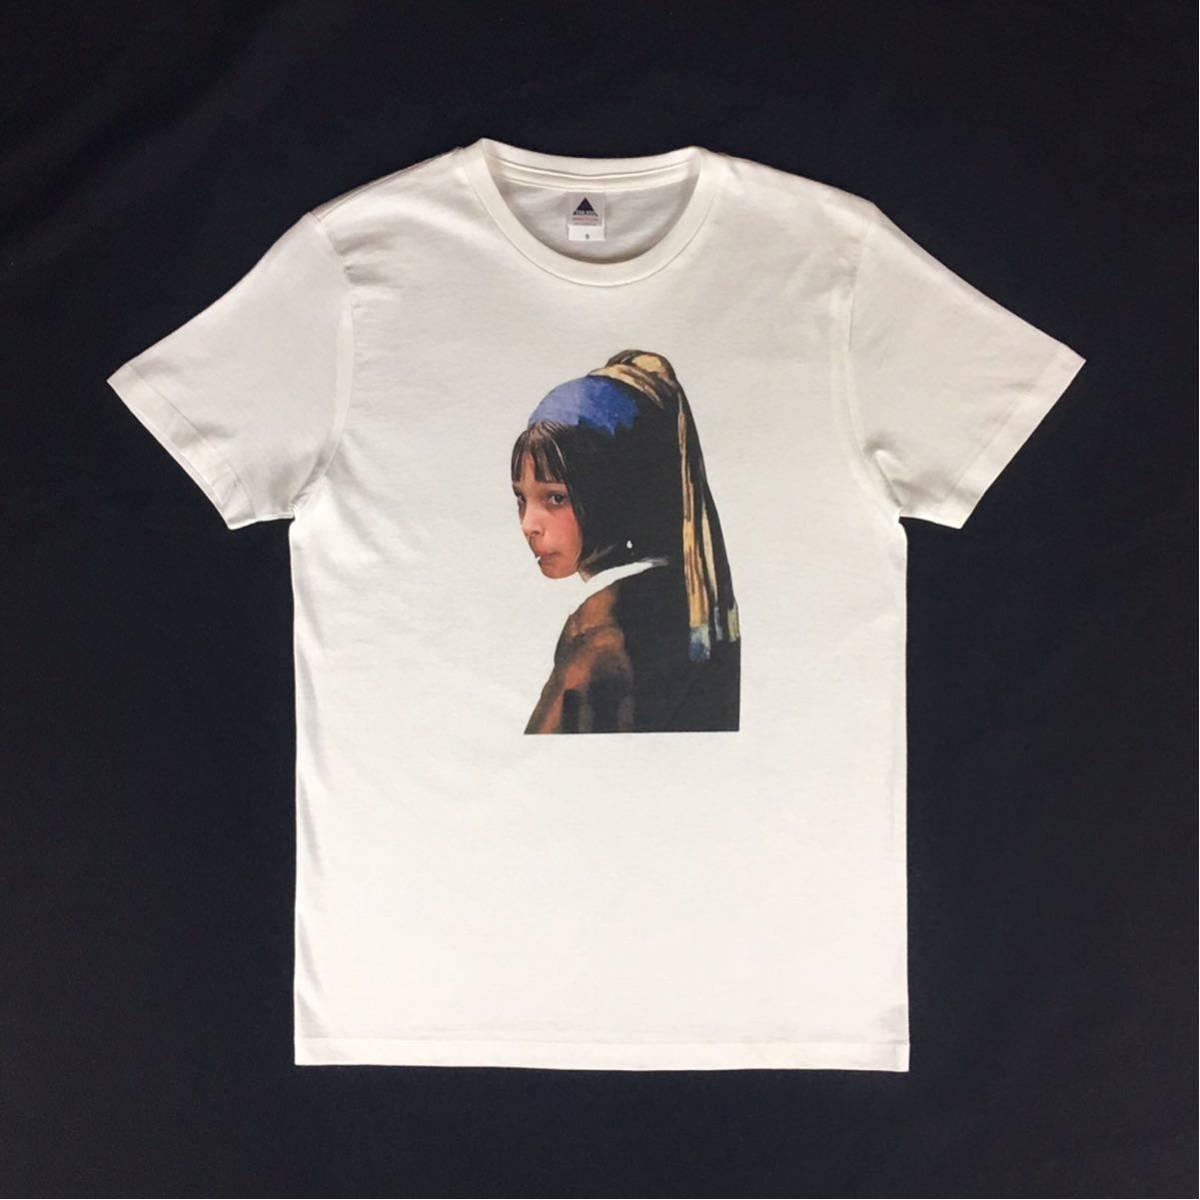 新品 映画 LEON レオン マチルダ フェルメール 真珠の耳飾りの少女 Tシャツ コラージュ デザイン S M L XL ビッグ サイズ XXL~5XL 長袖 OK_画像6